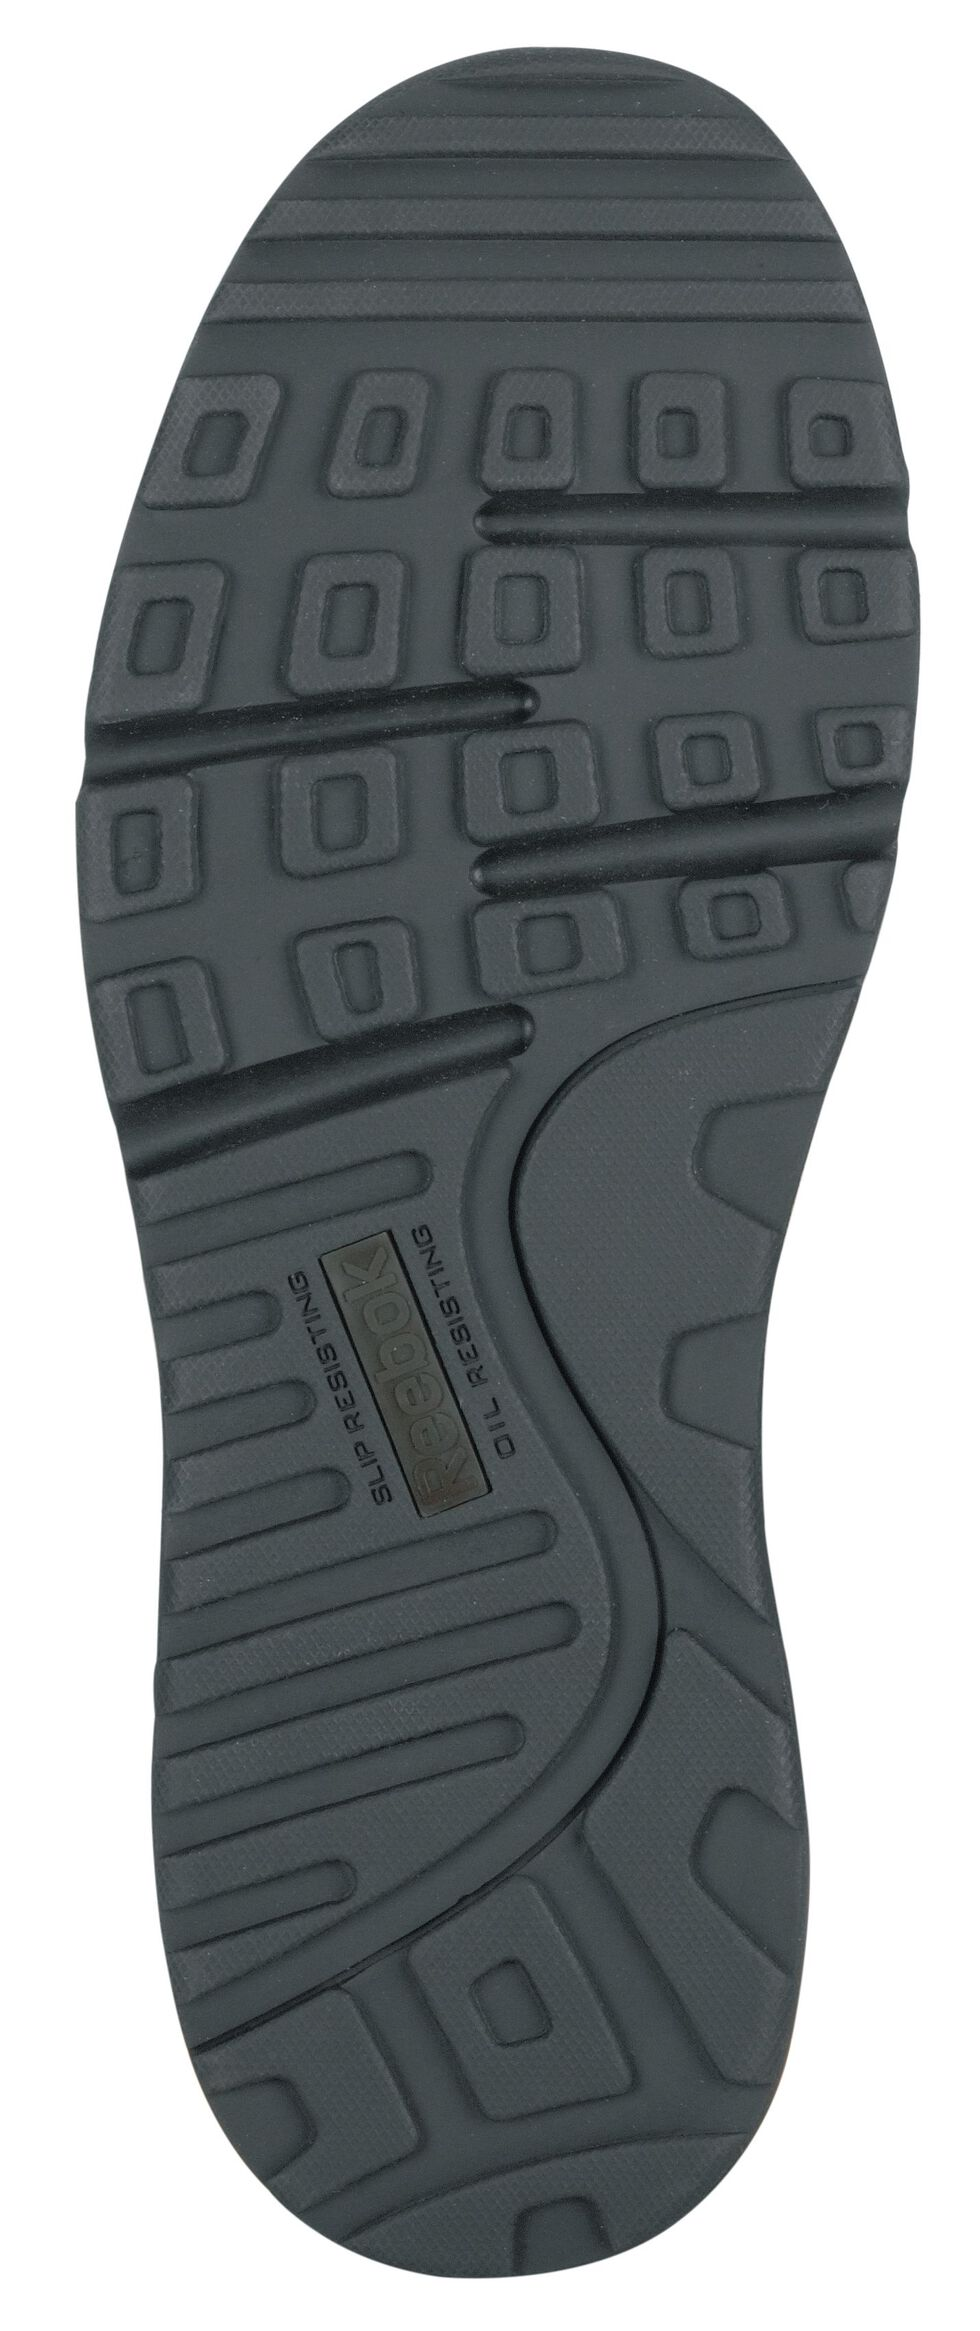 Reebok Men's Beviad Jogger Work Shoes - Composite Toe, Blue, hi-res